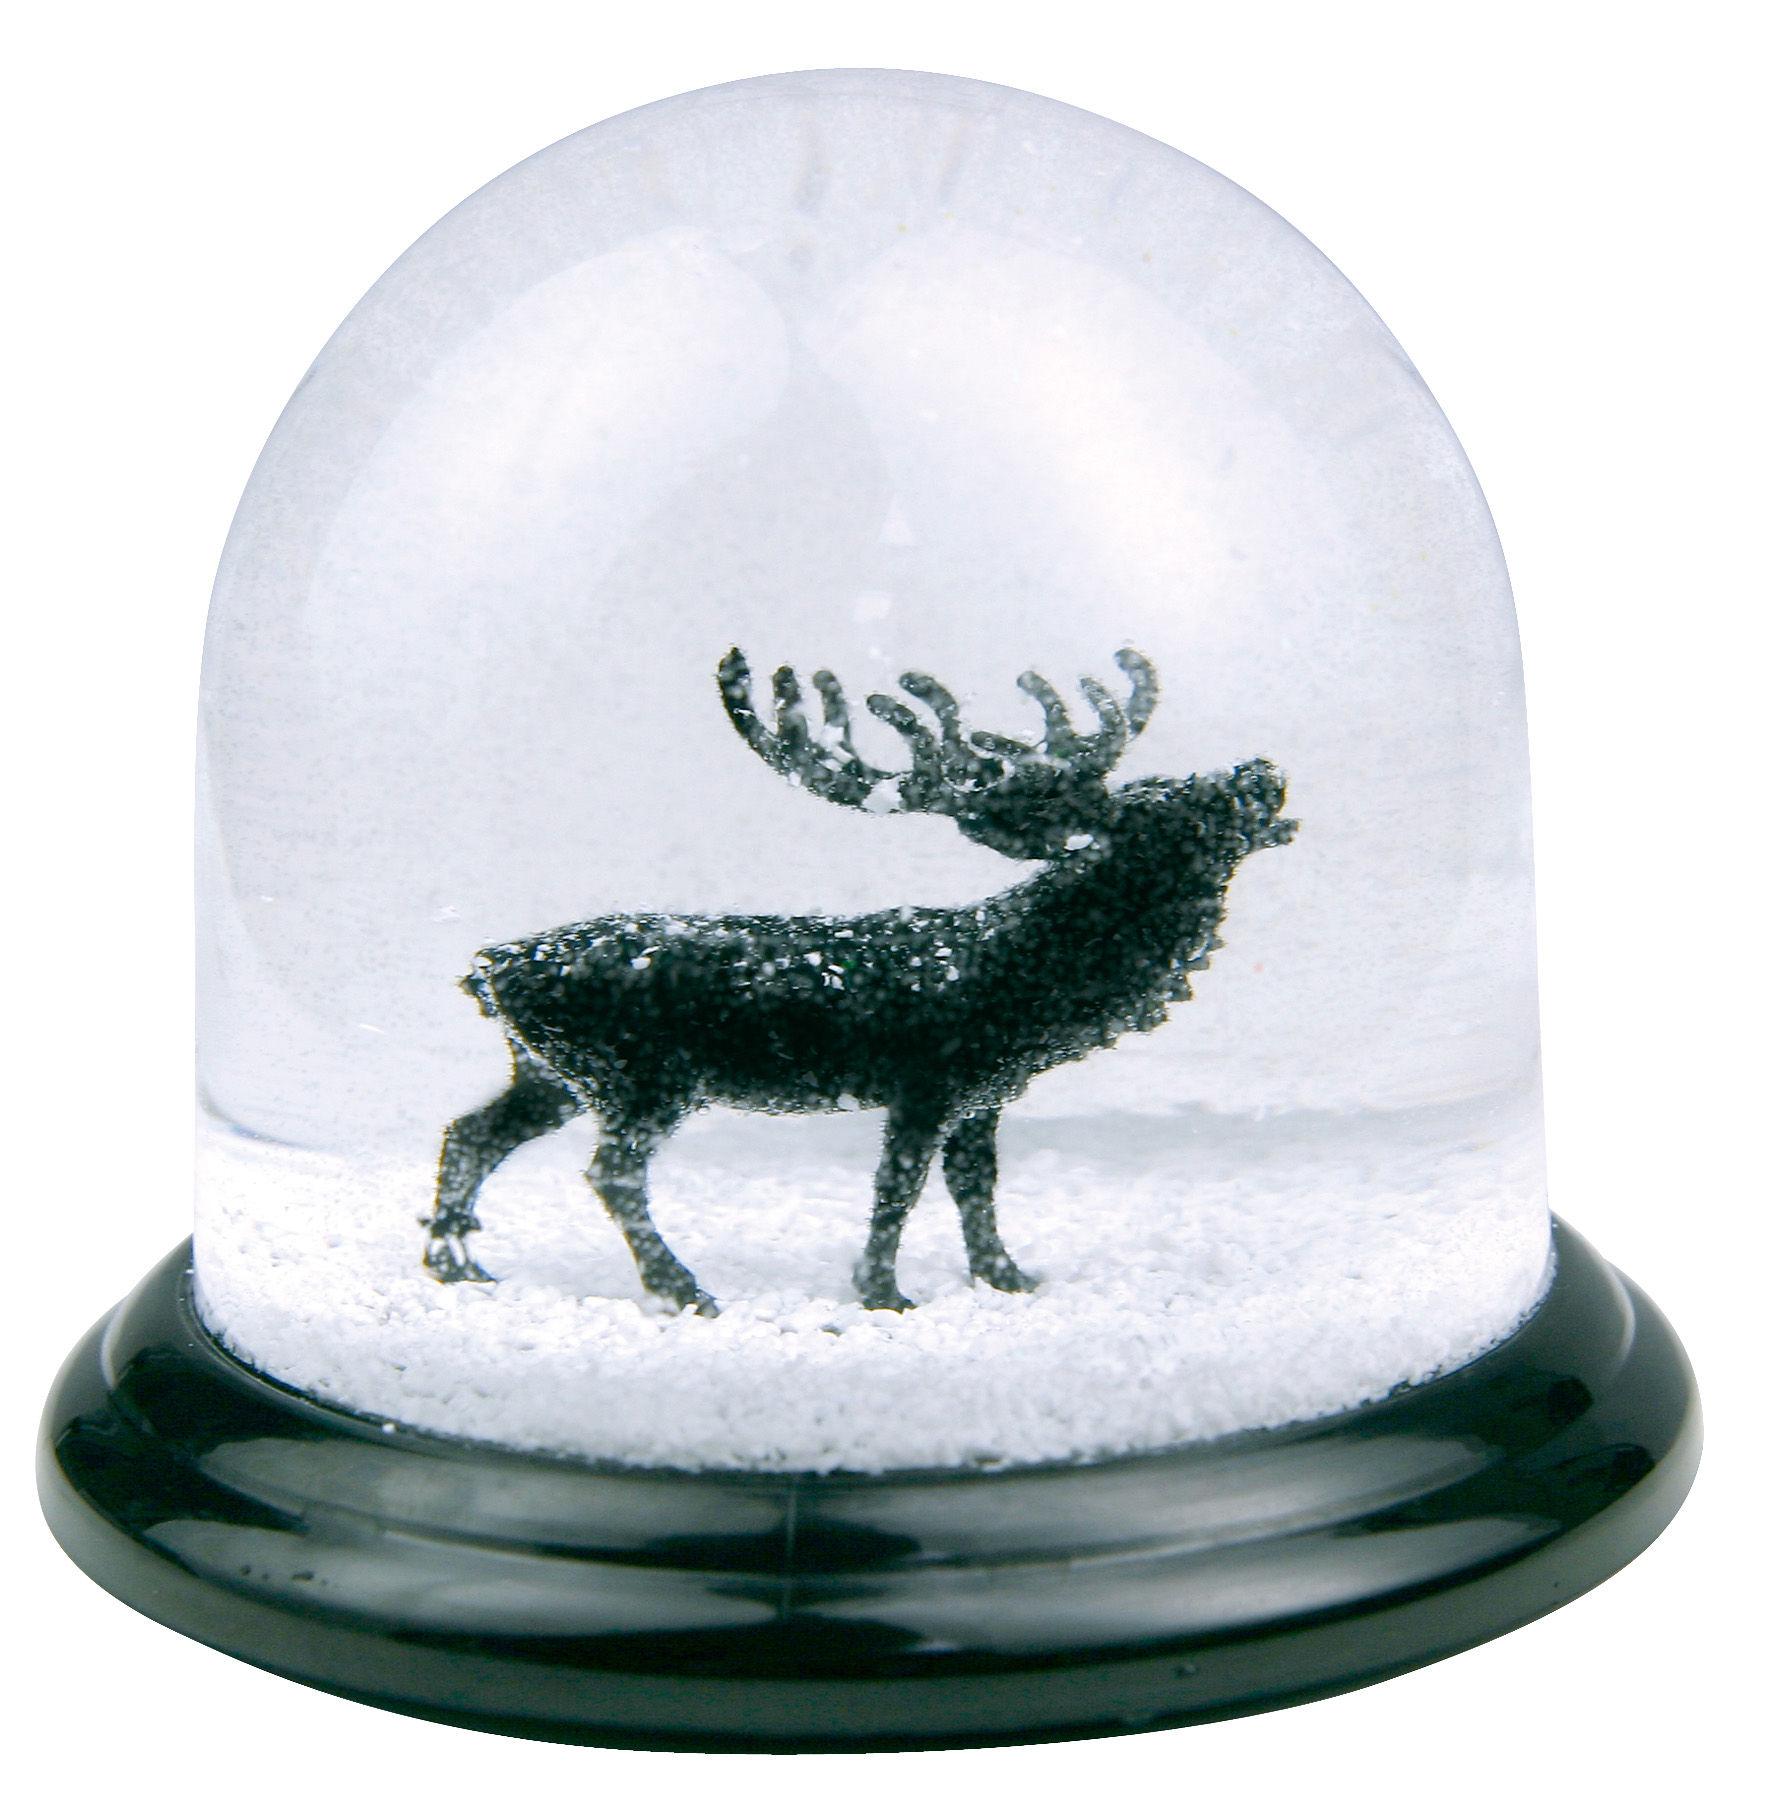 Interni - Per bambini - Boccia con neve Black Forest di Koziol -  - Materiale plastico